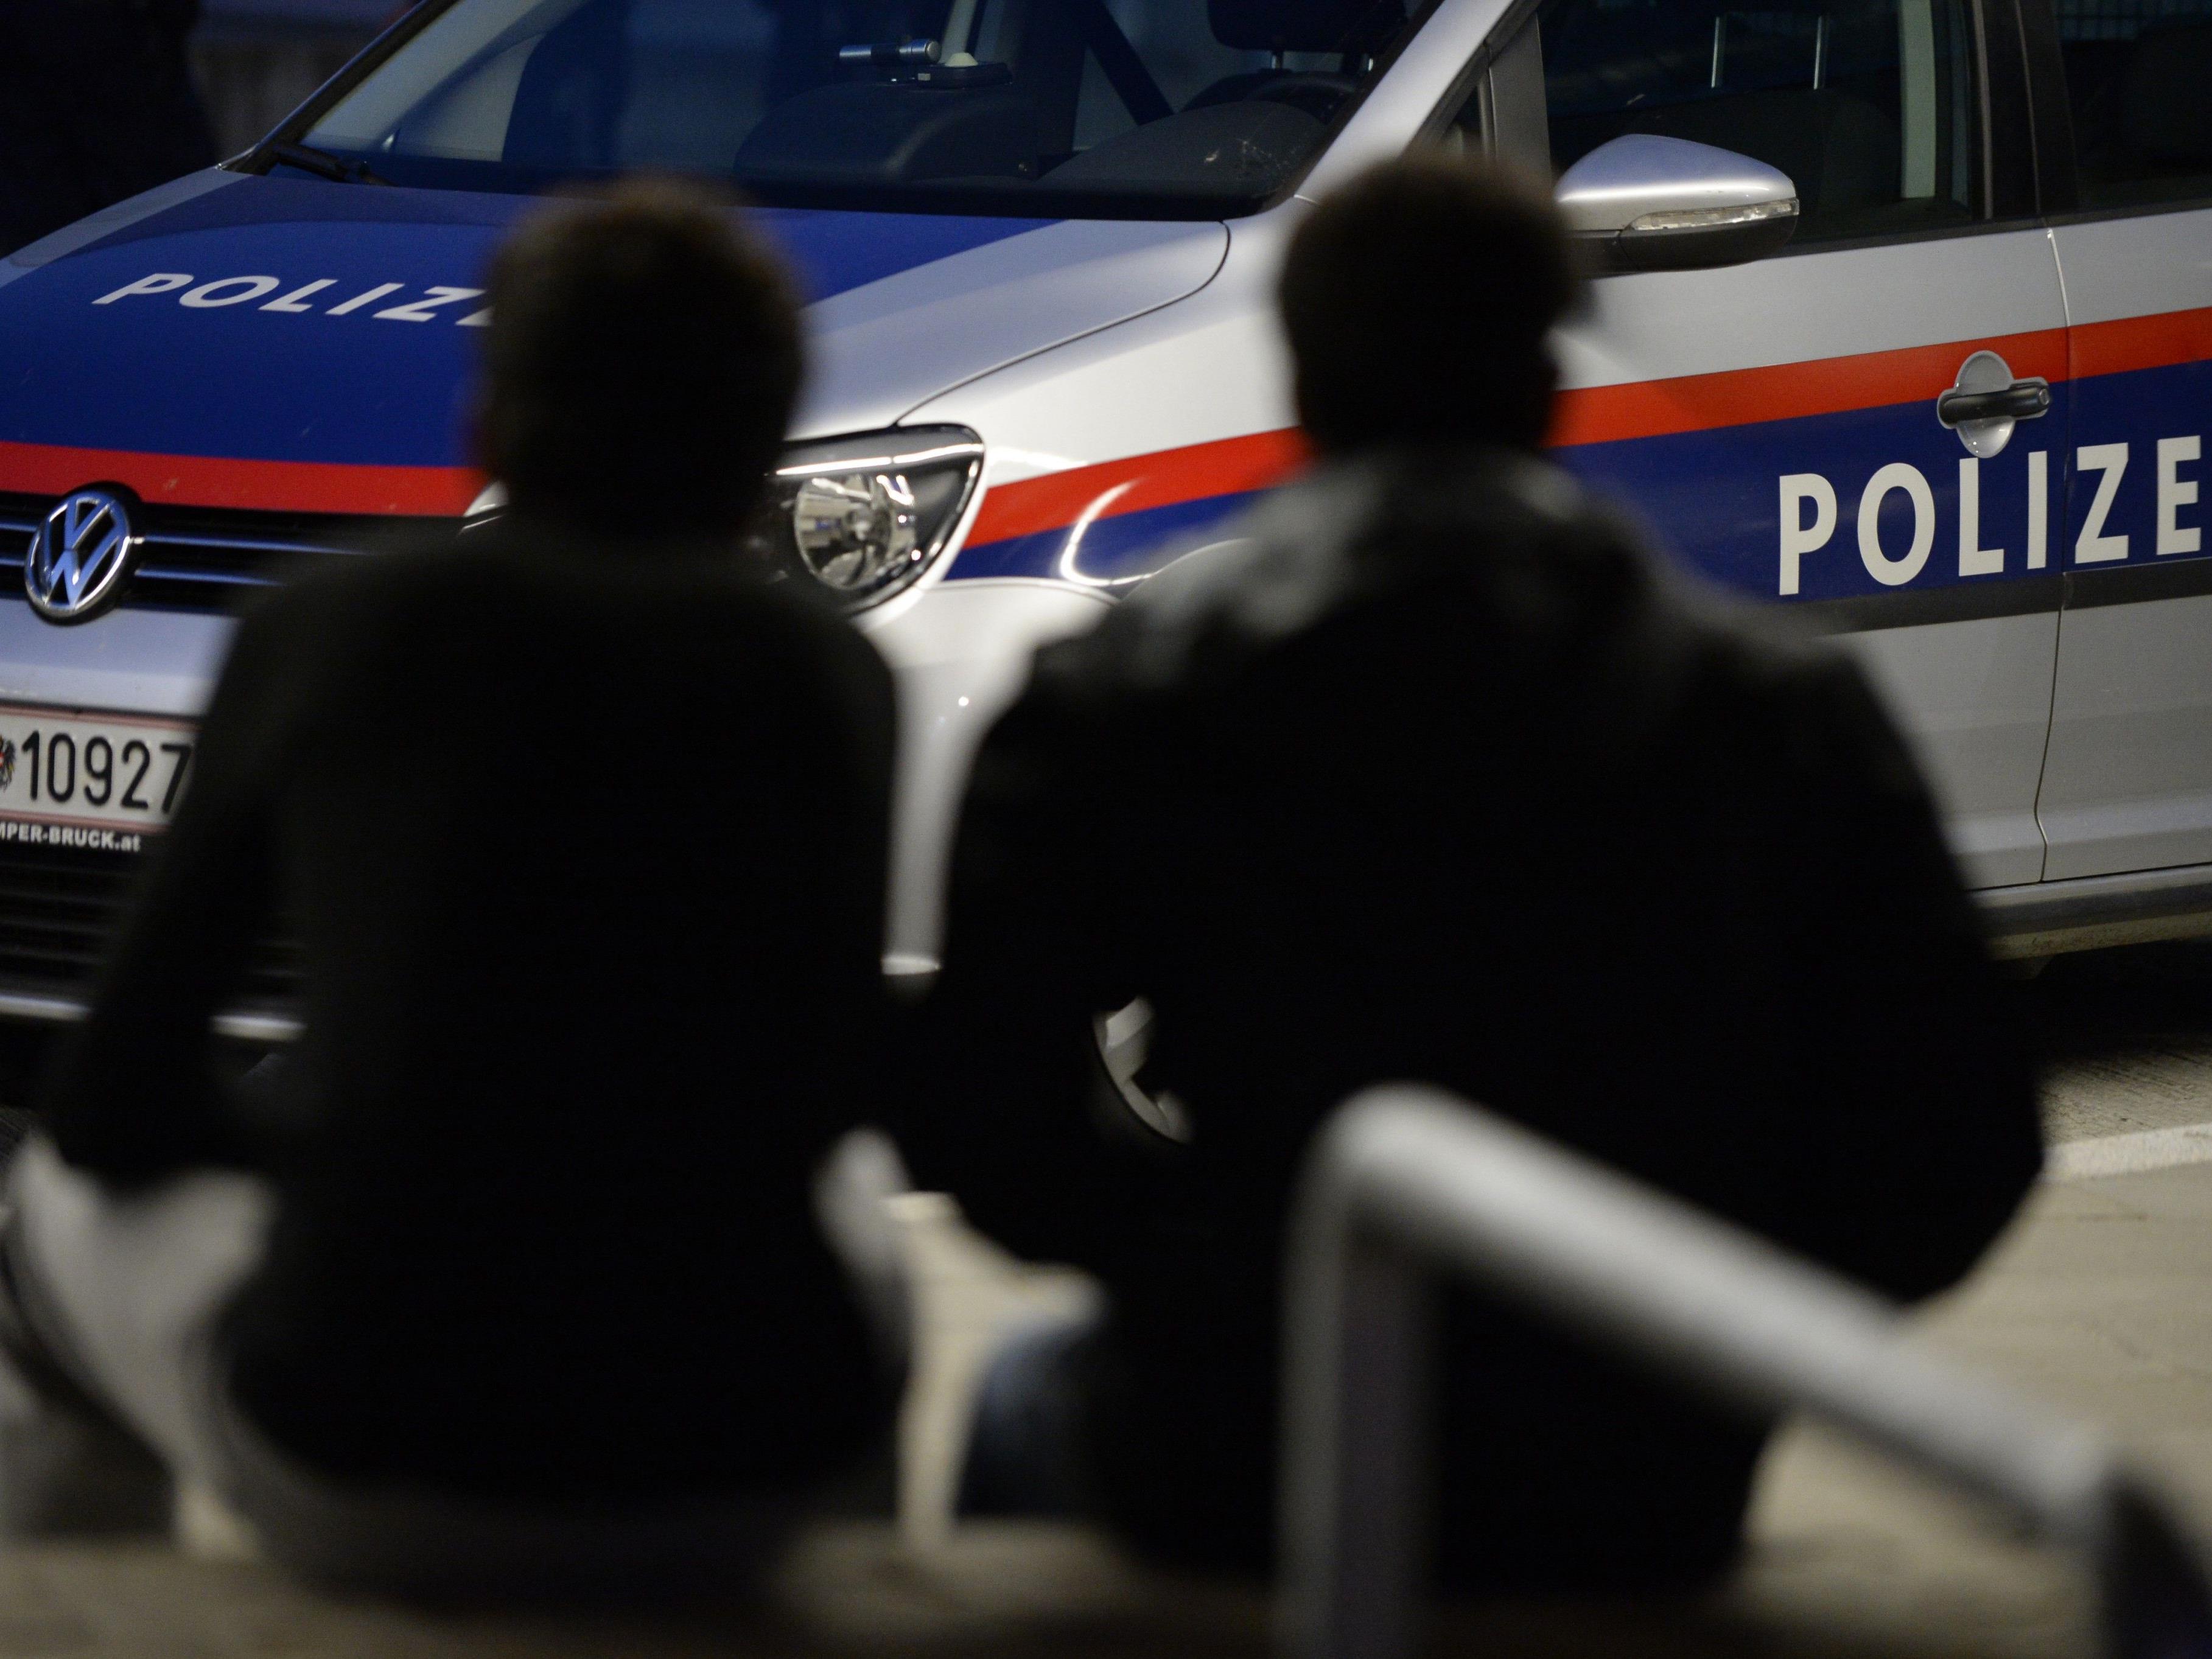 Zwei Polizisten wurden in der Nacht auf Freitag verletzt